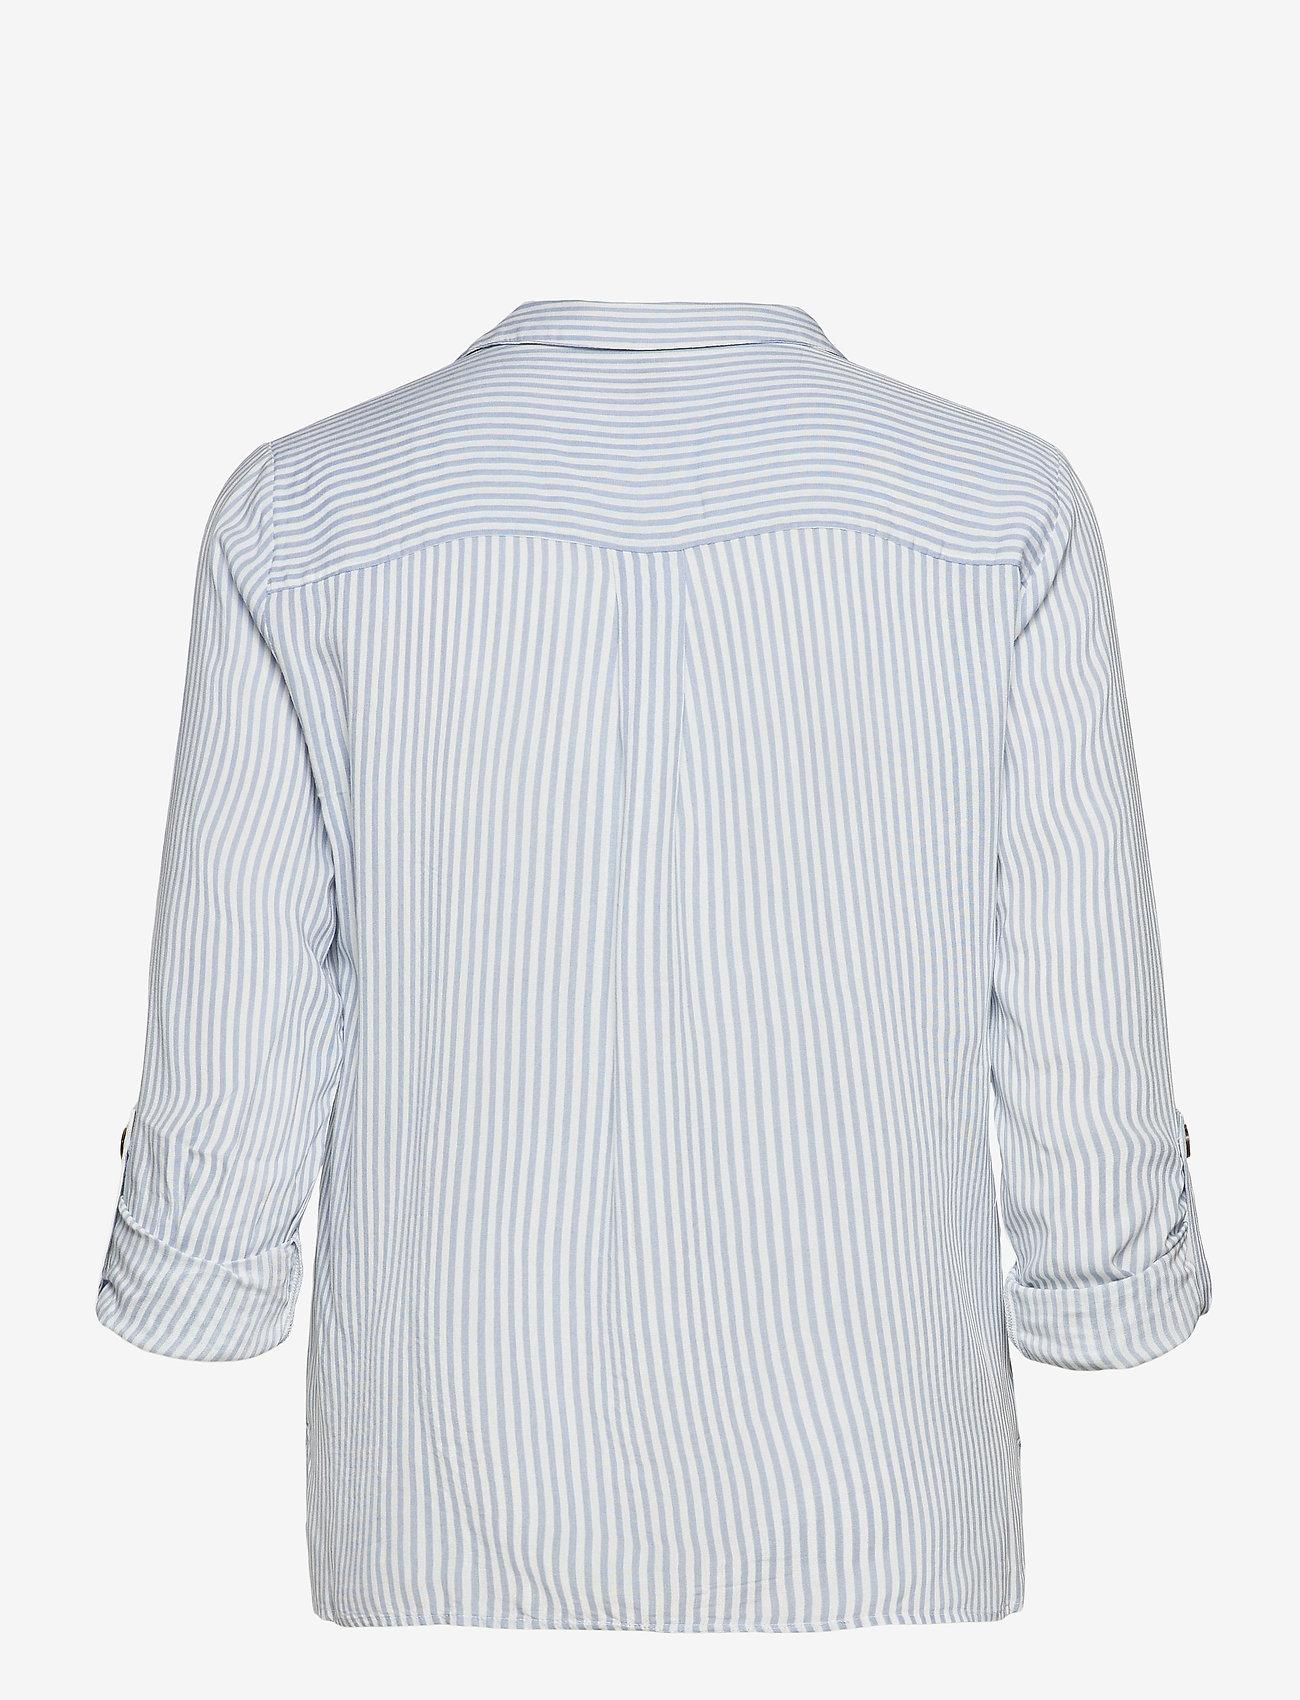 Vero Moda - VMBUMPY L/S SHIRT COLOR - långärmade skjortor - snow white - 1